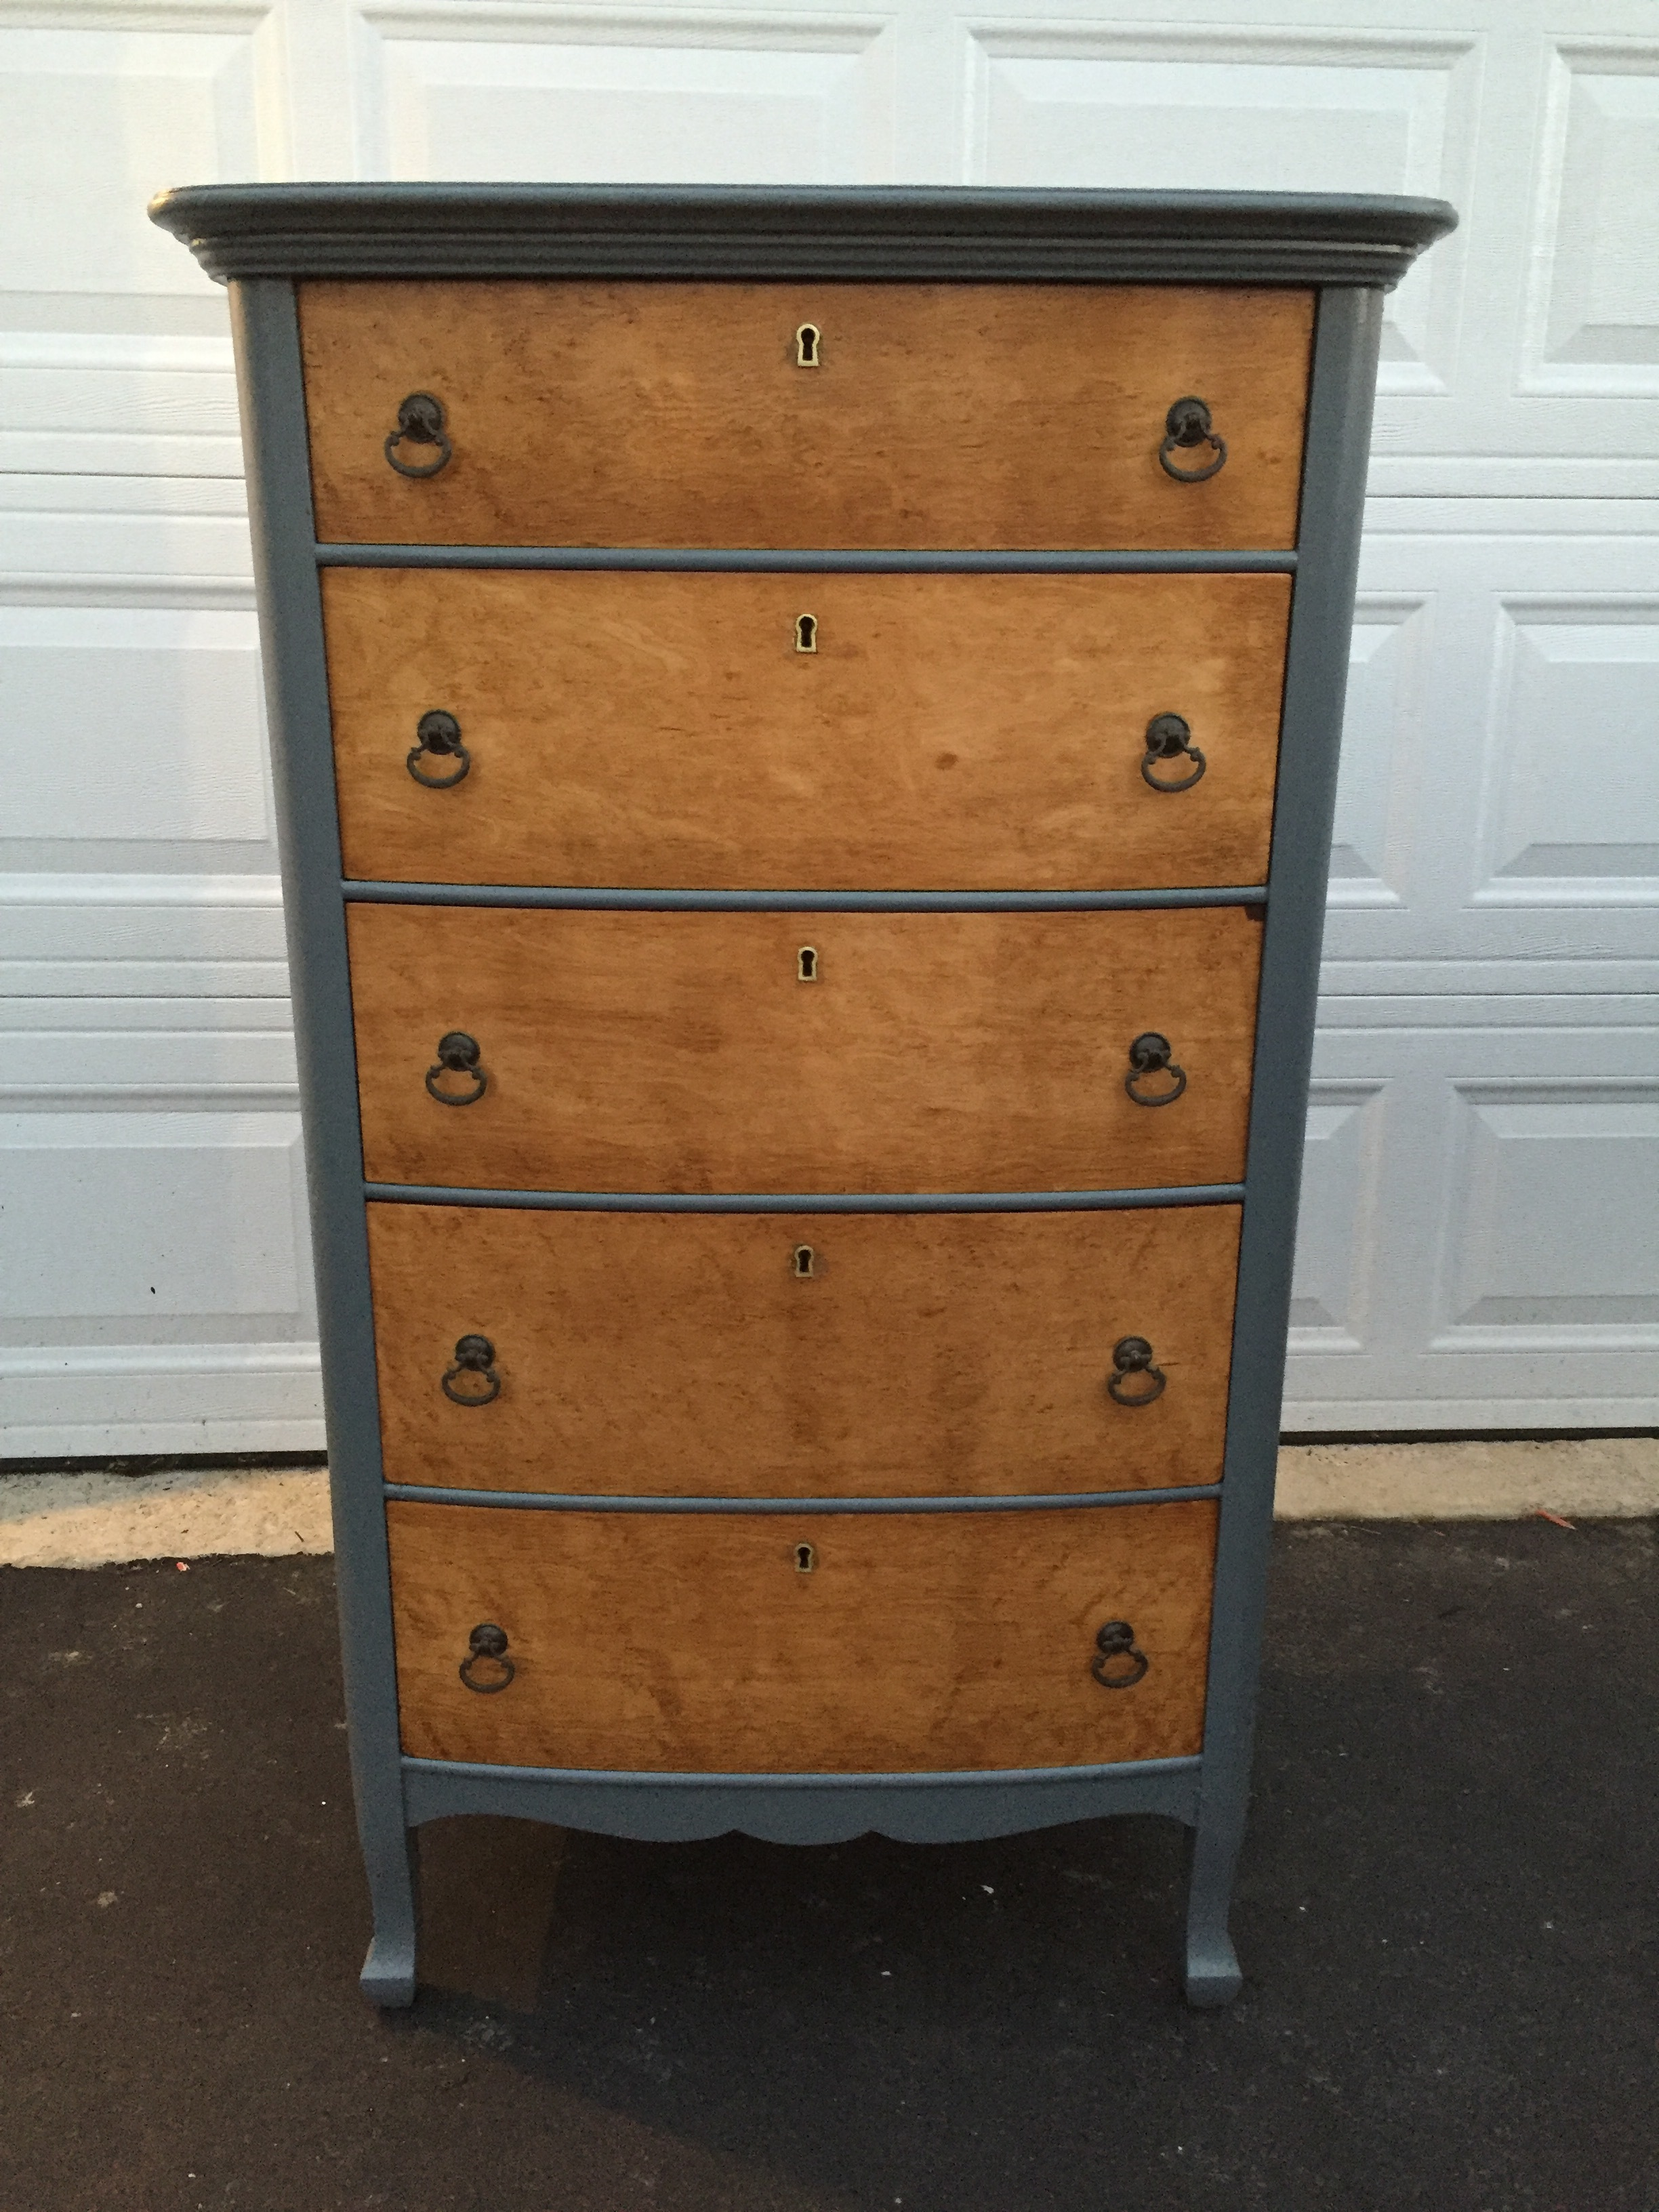 Antique dresser restoration - after